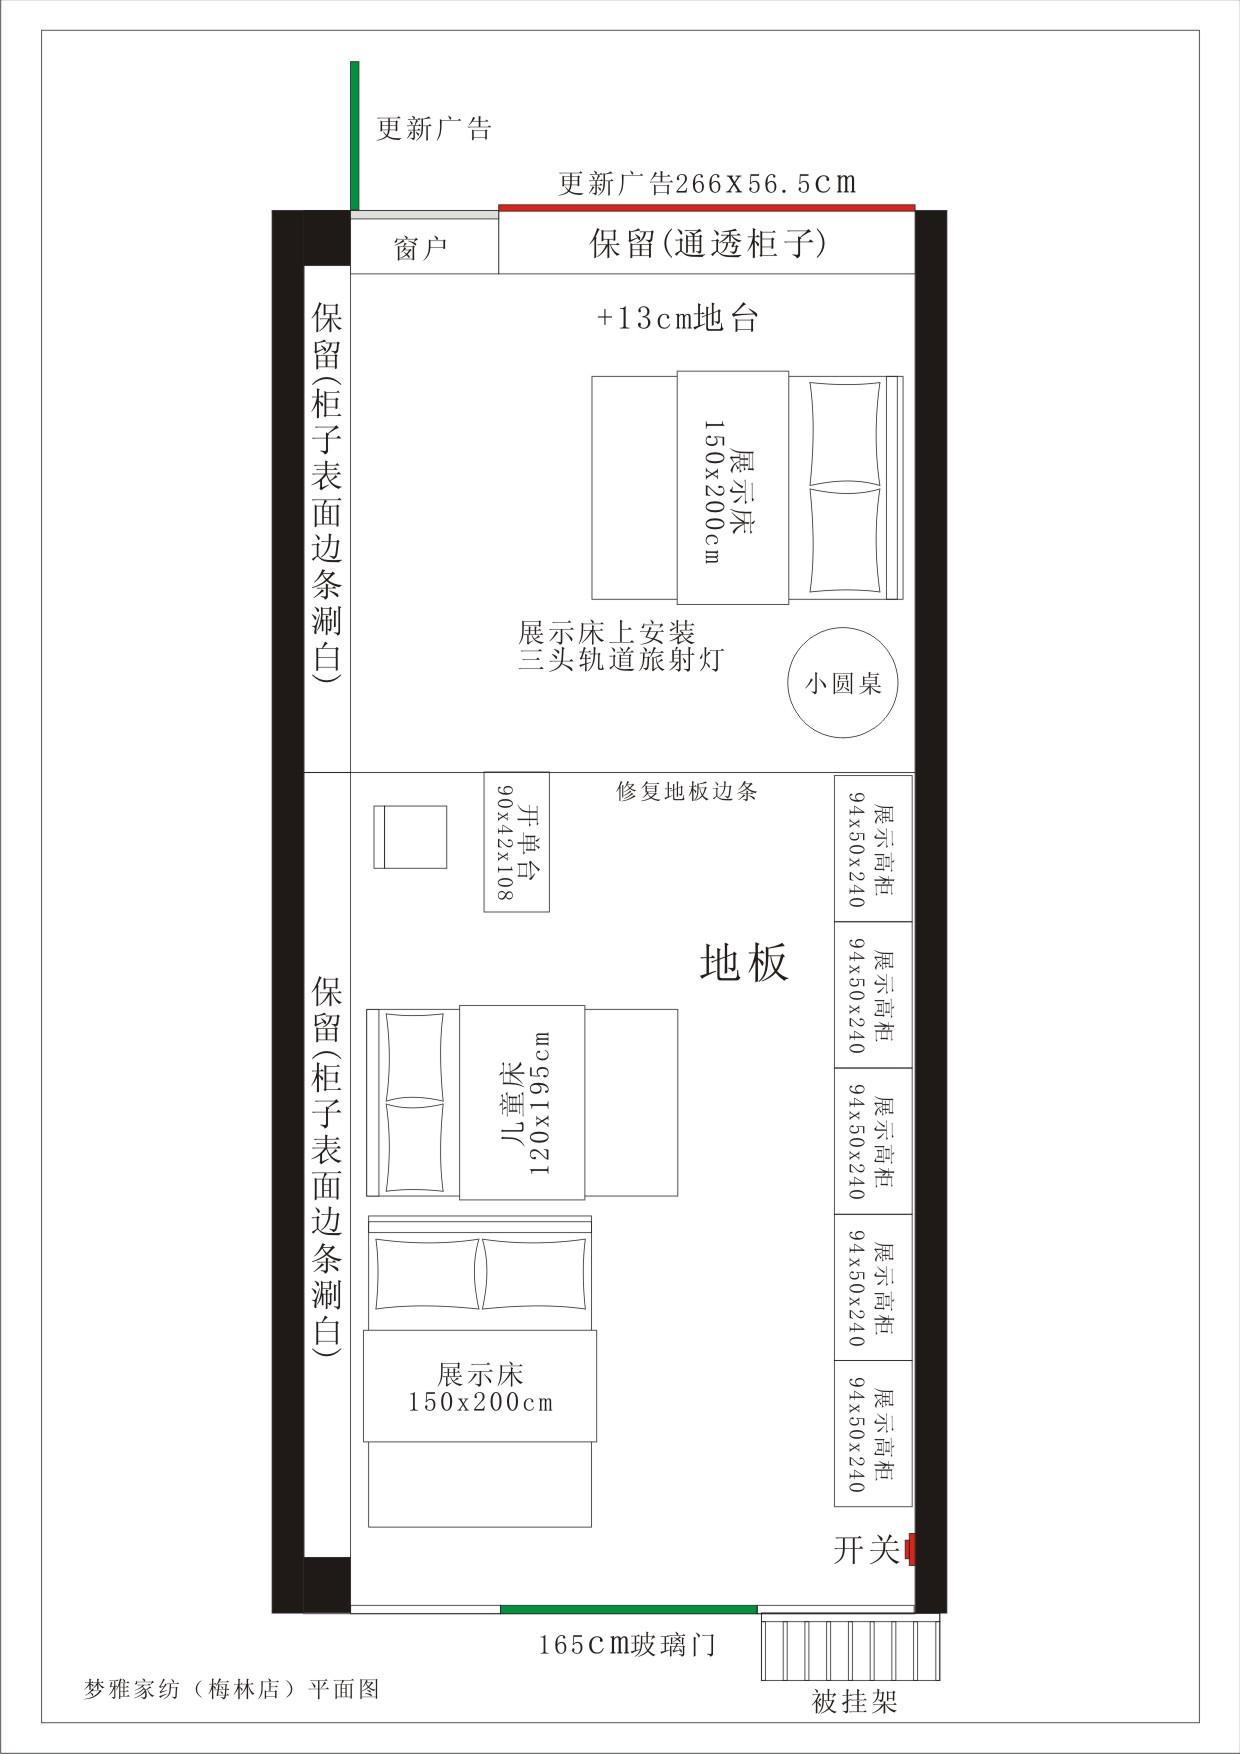 9平米商铺设计图